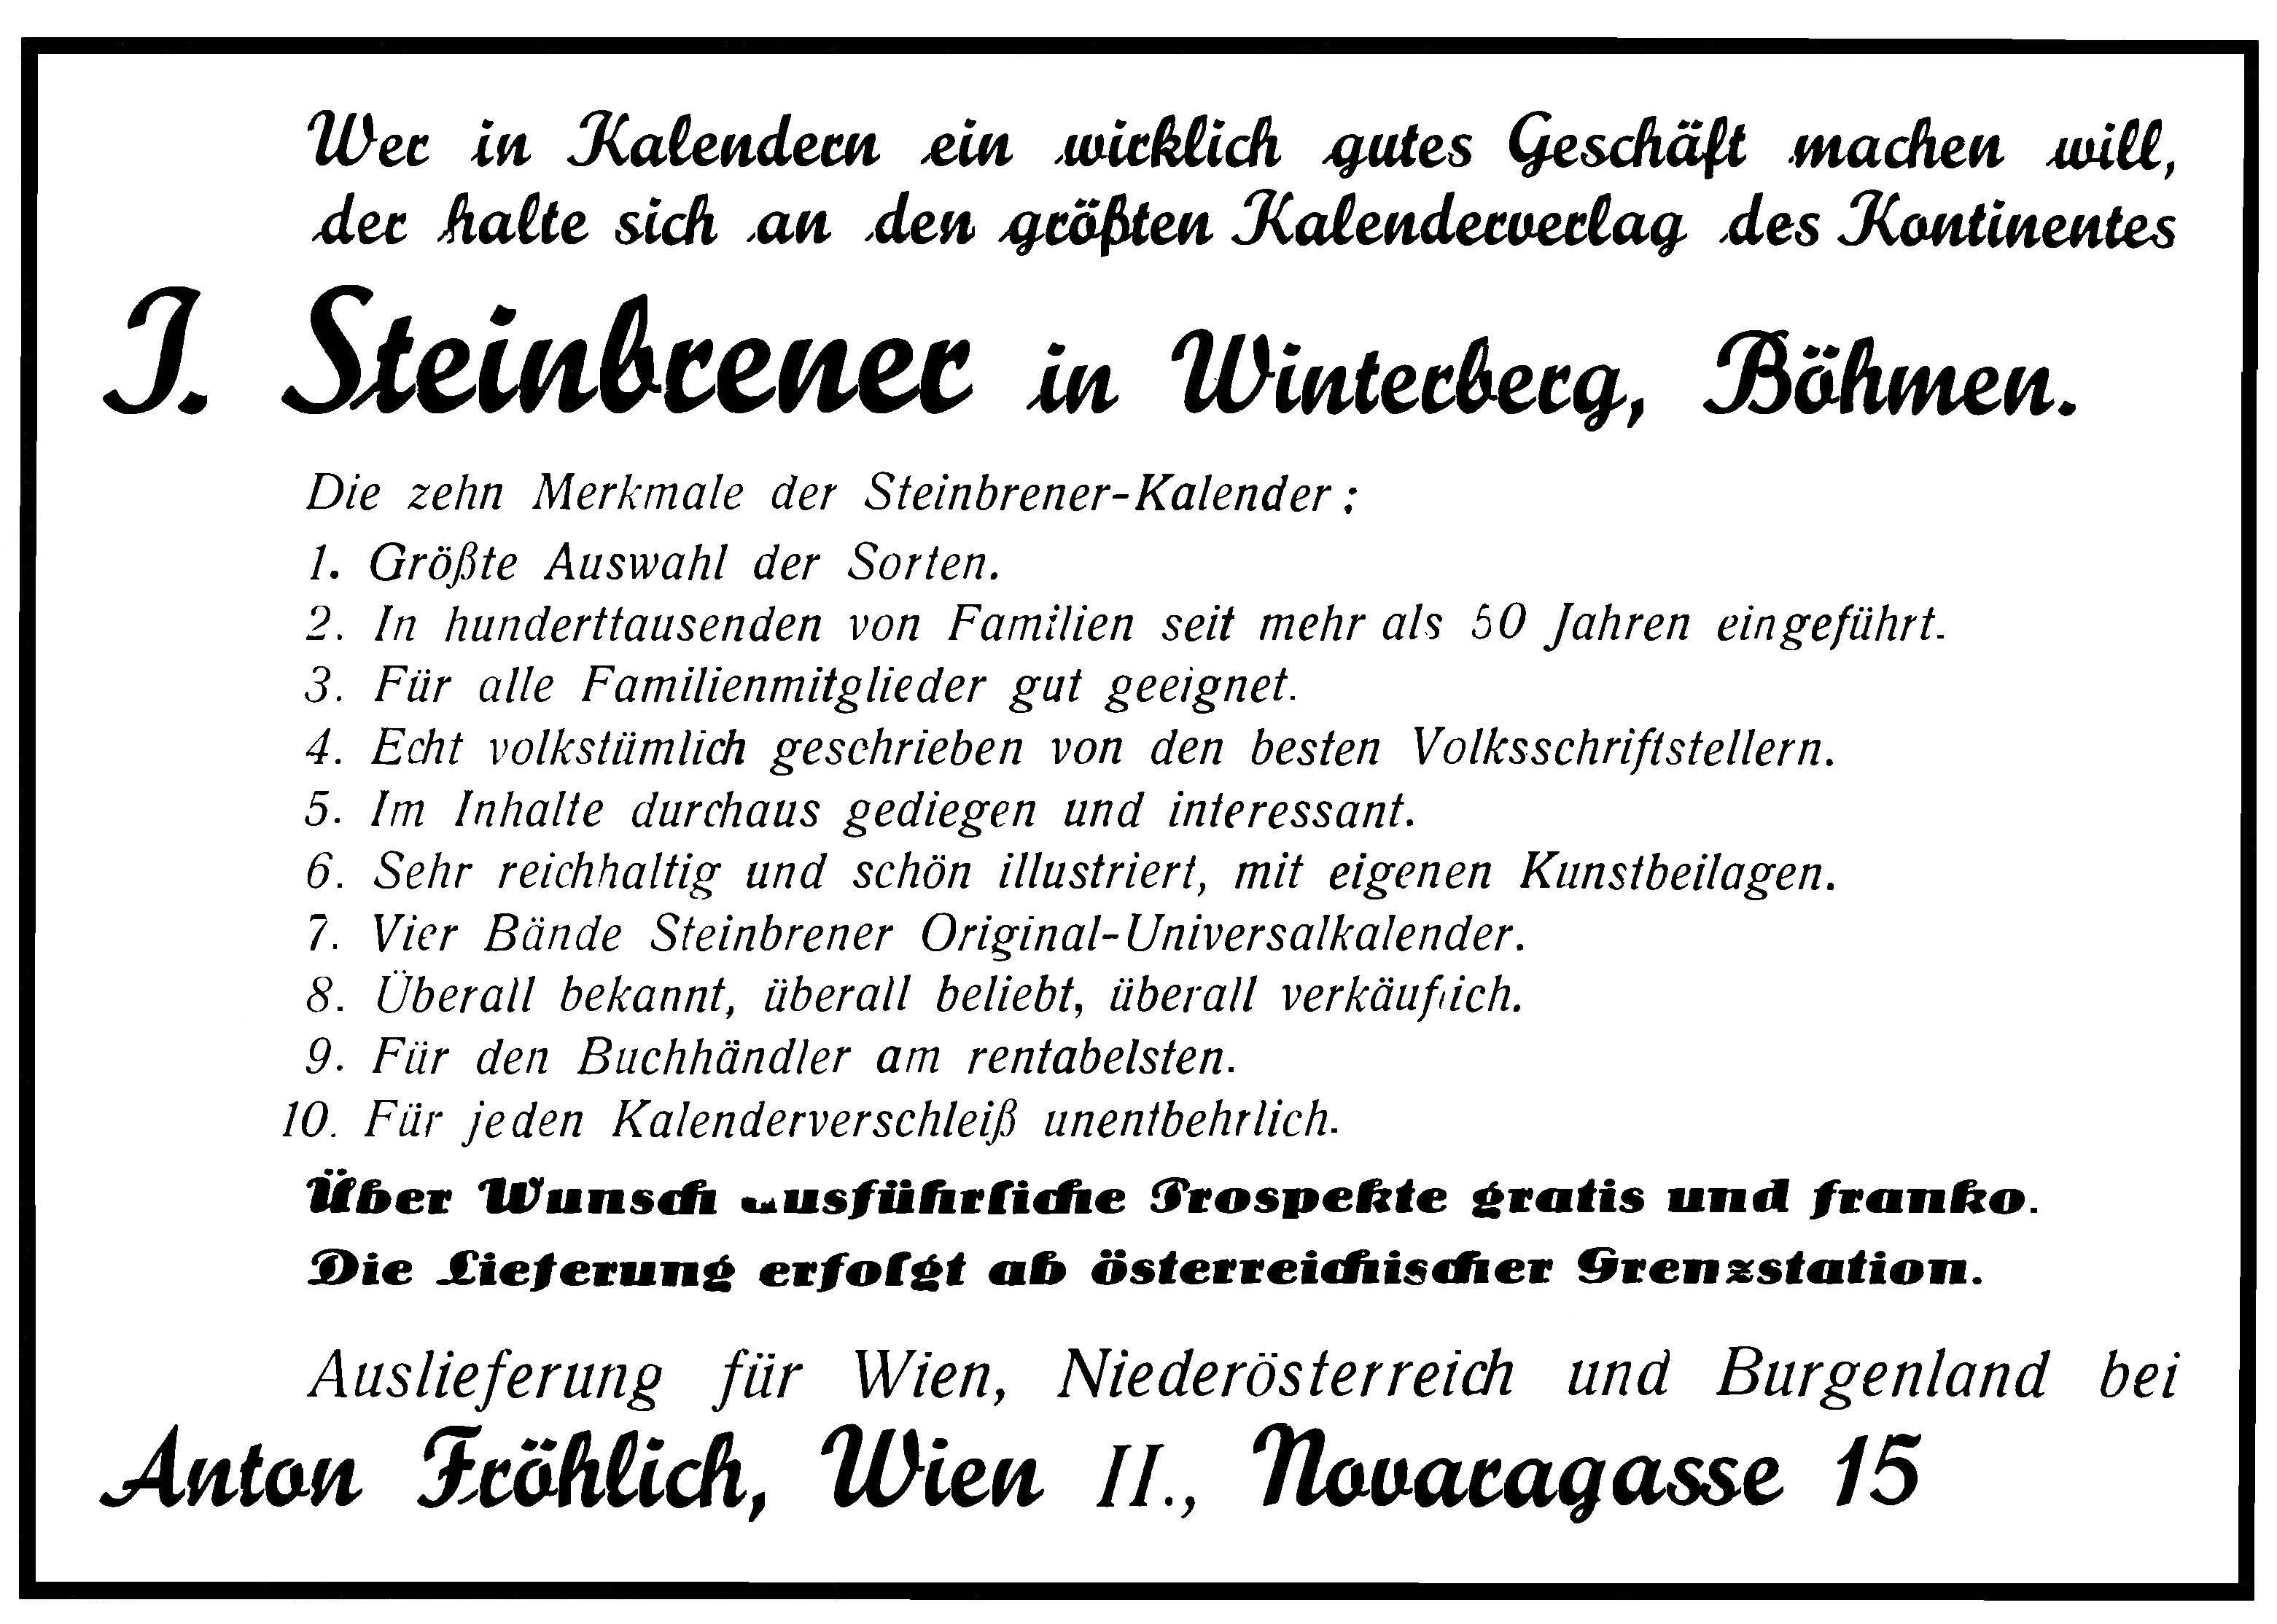 Steinbrener Anzeige